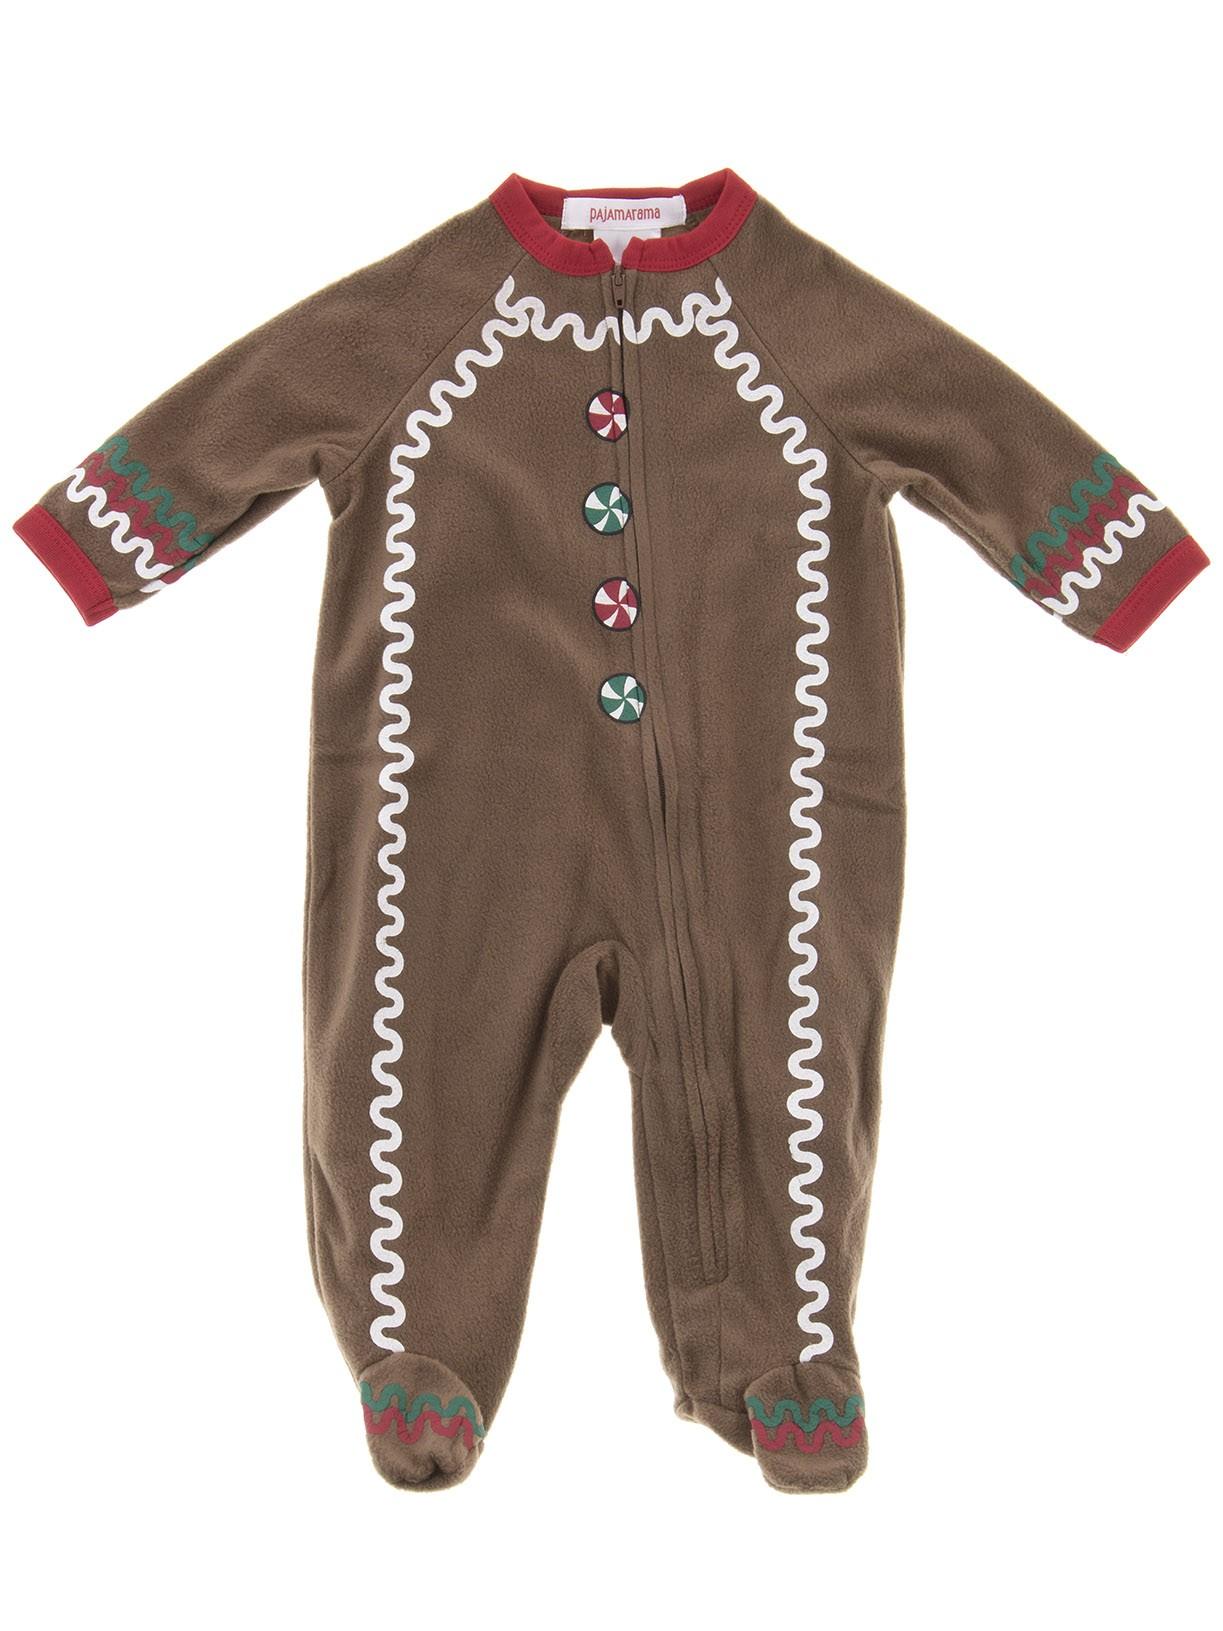 Pajamarama Boys Christmas Gingerbread Man Footed Pajamas